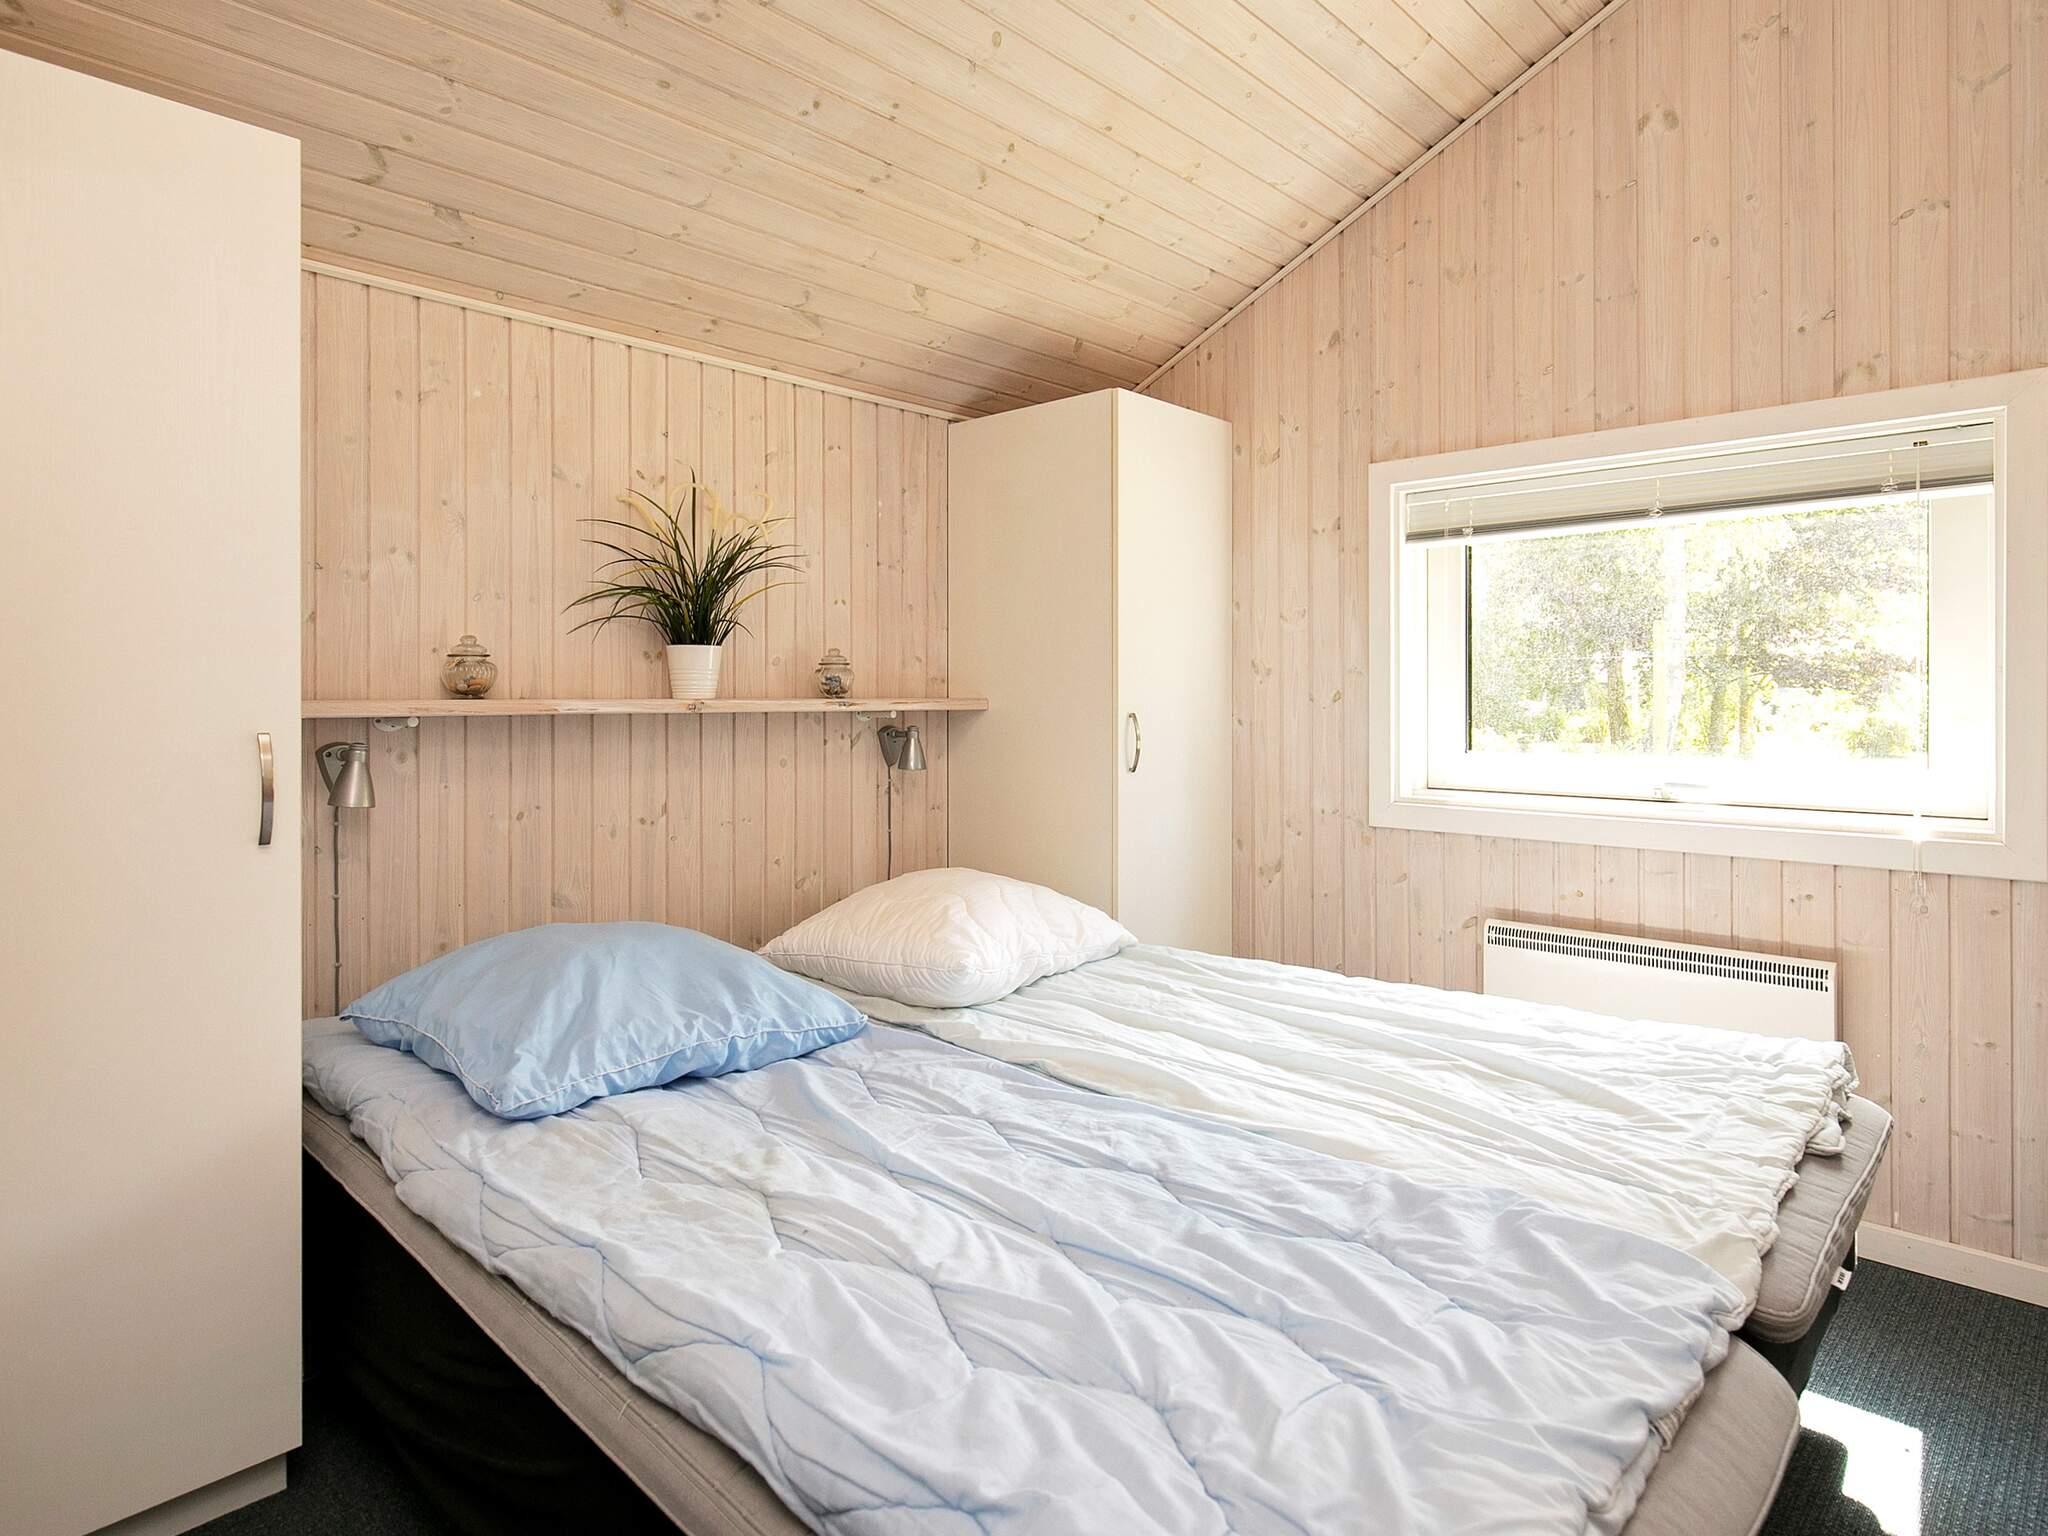 Ferienhaus Marielyst (86053), Marielyst, , Falster, Dänemark, Bild 4